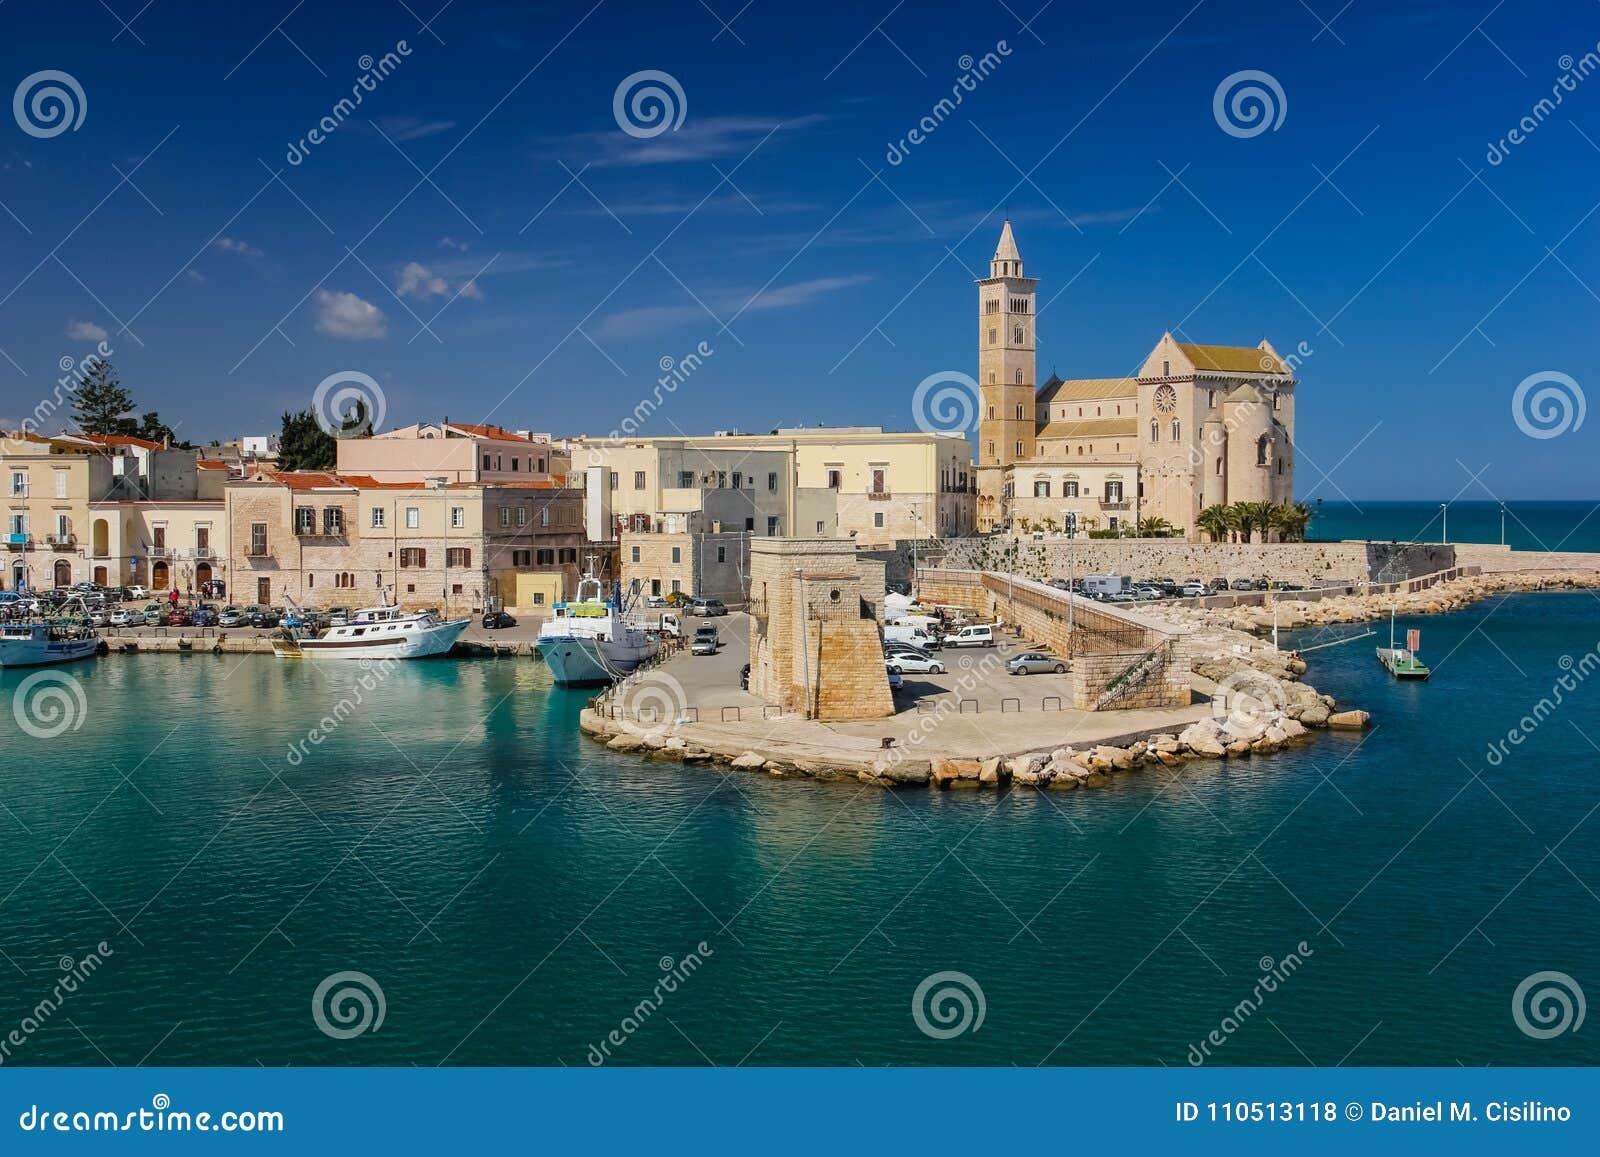 La catedral Trani Apulia Italia